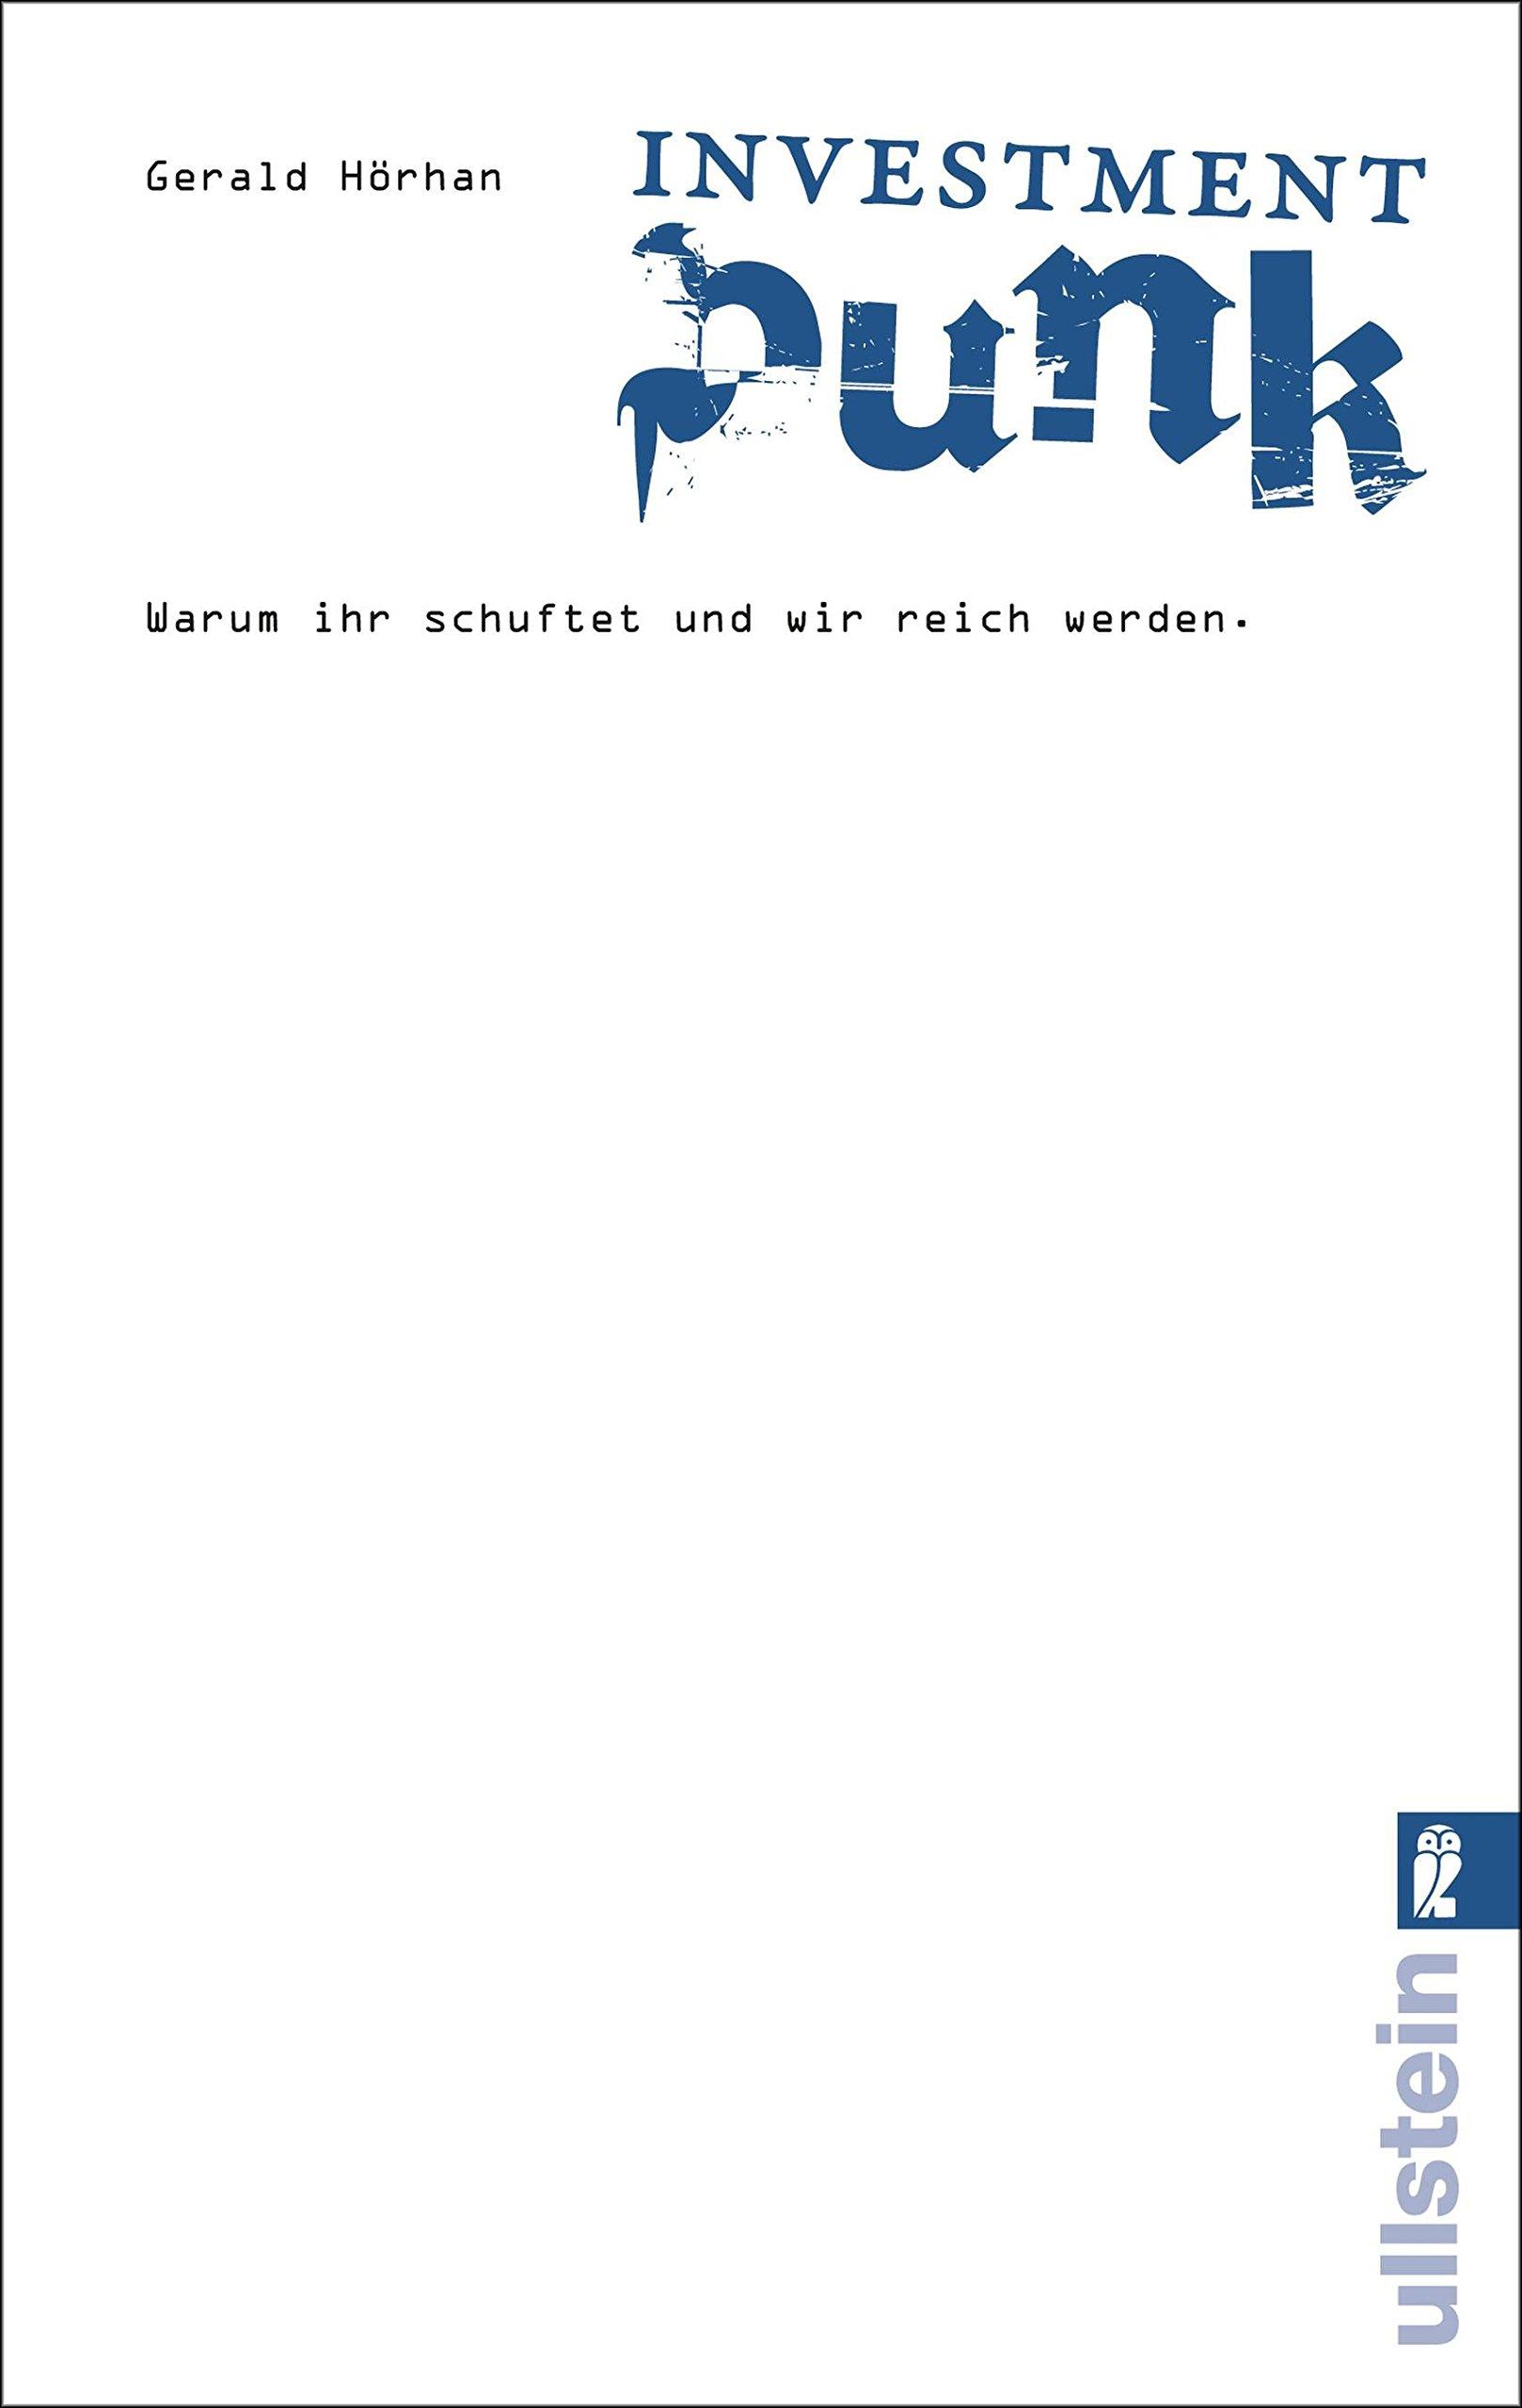 Investment Punk: Warum ihr schuftet und wir reich werden Taschenbuch – 15. April 2011 Gerald Hörhan Ullstein Taschenbuch 3548373844 Bank - Bankgeschäft